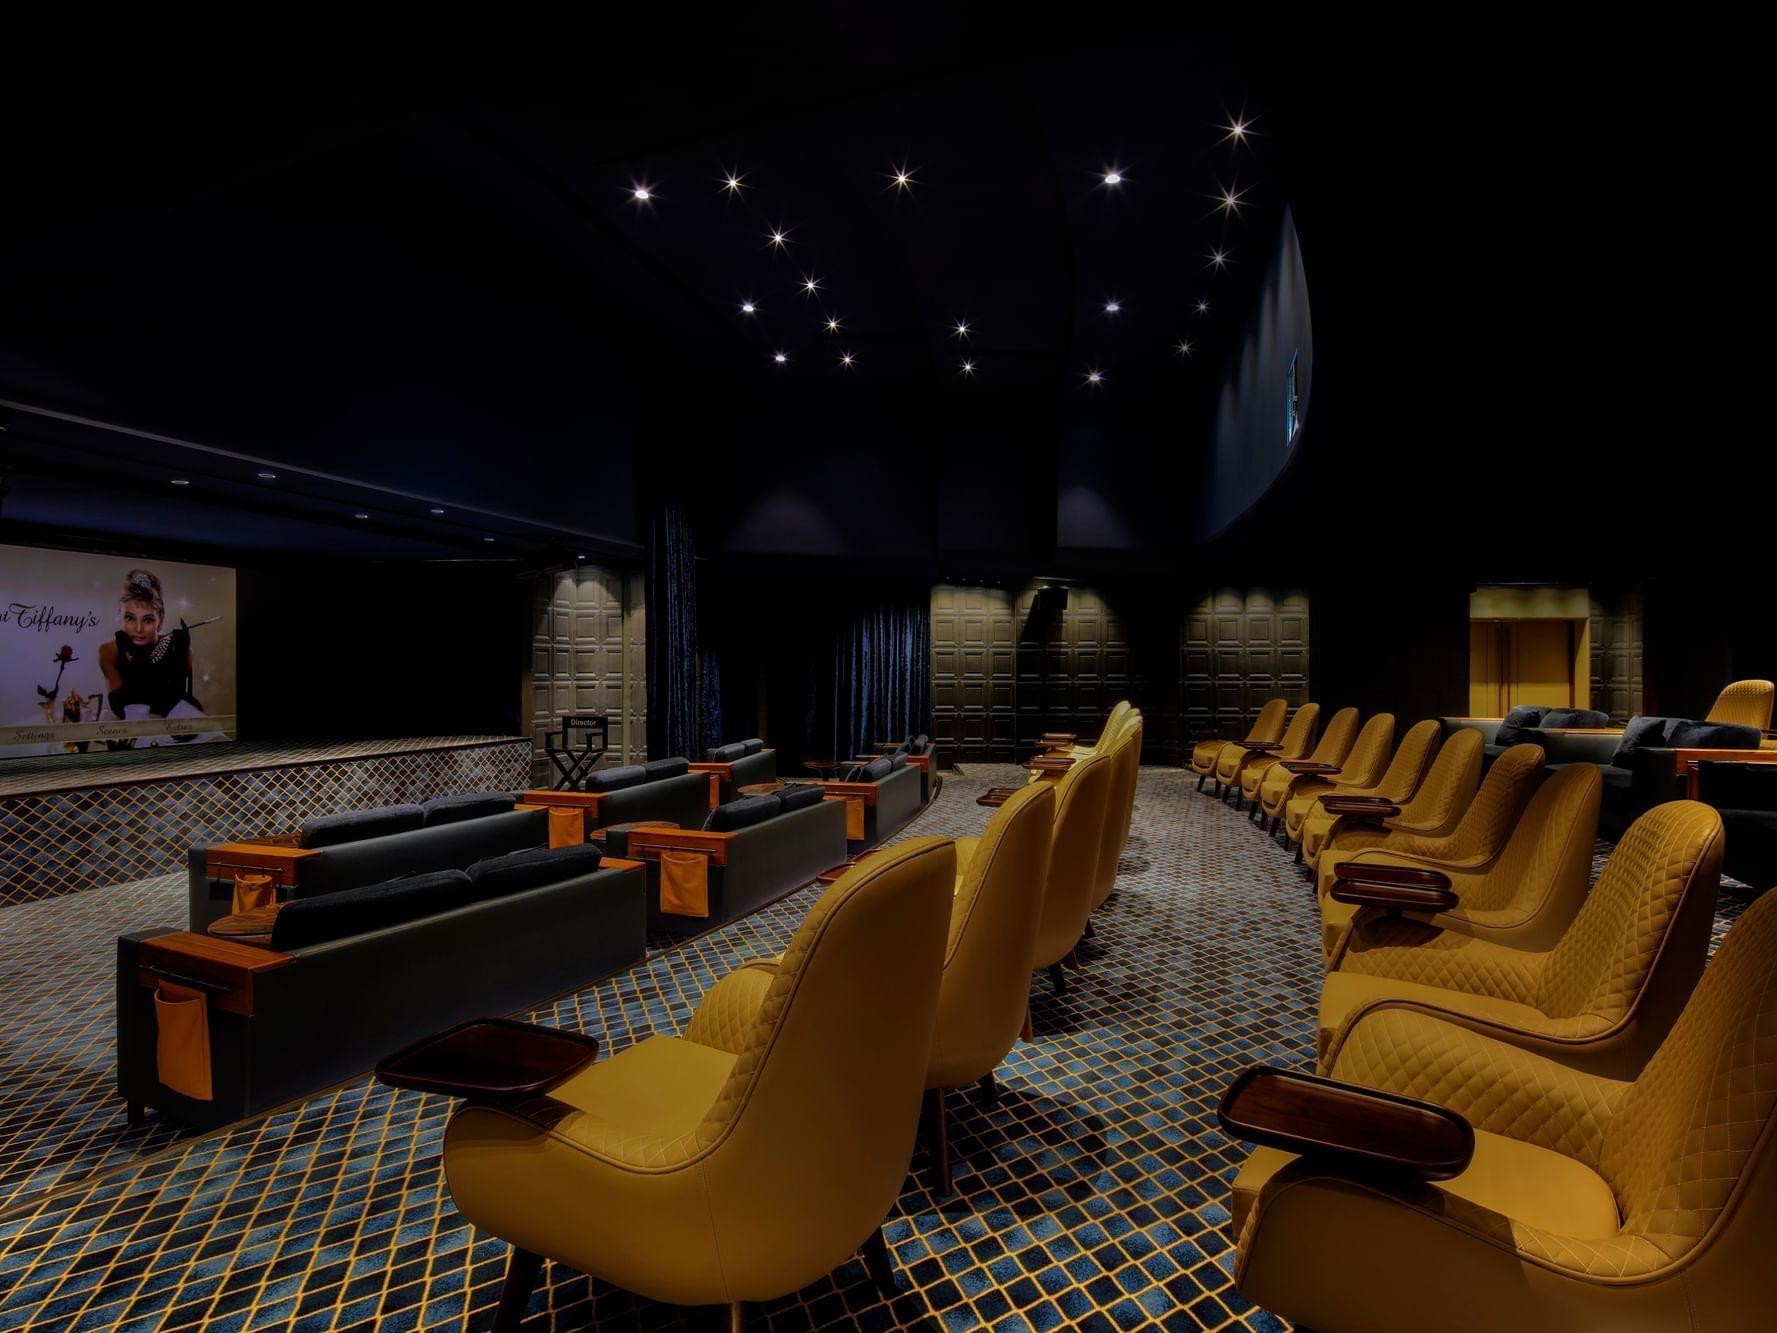 派拉蒙放映室